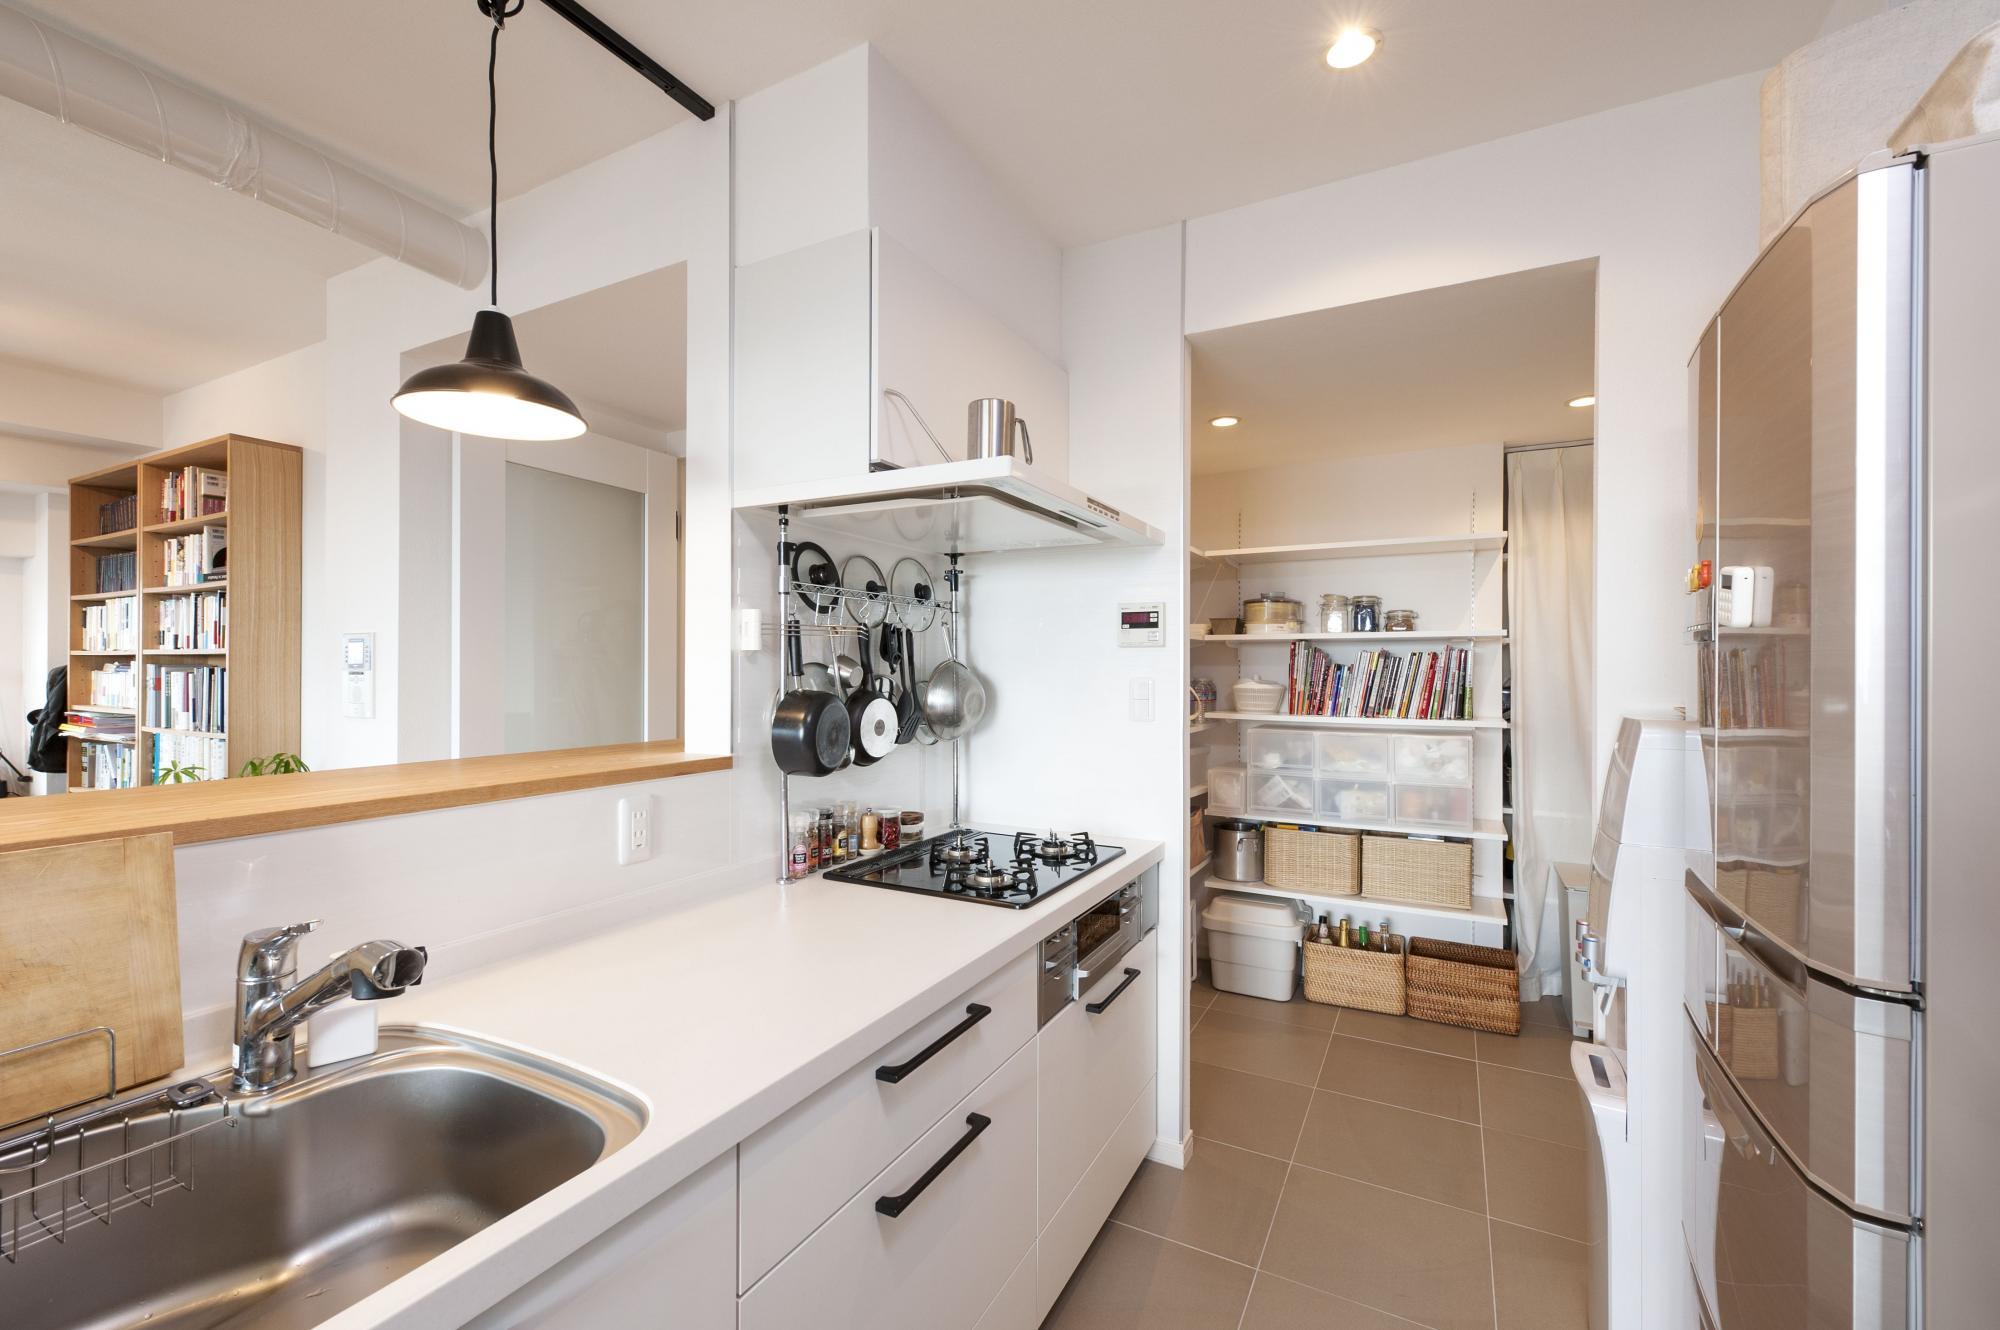 以前キッチンがあった場所にパントリーを設けて収納を確保。突き当たりを左に進めば廊下に出られるので、玄関とキッチンの行き来もスムーズ。